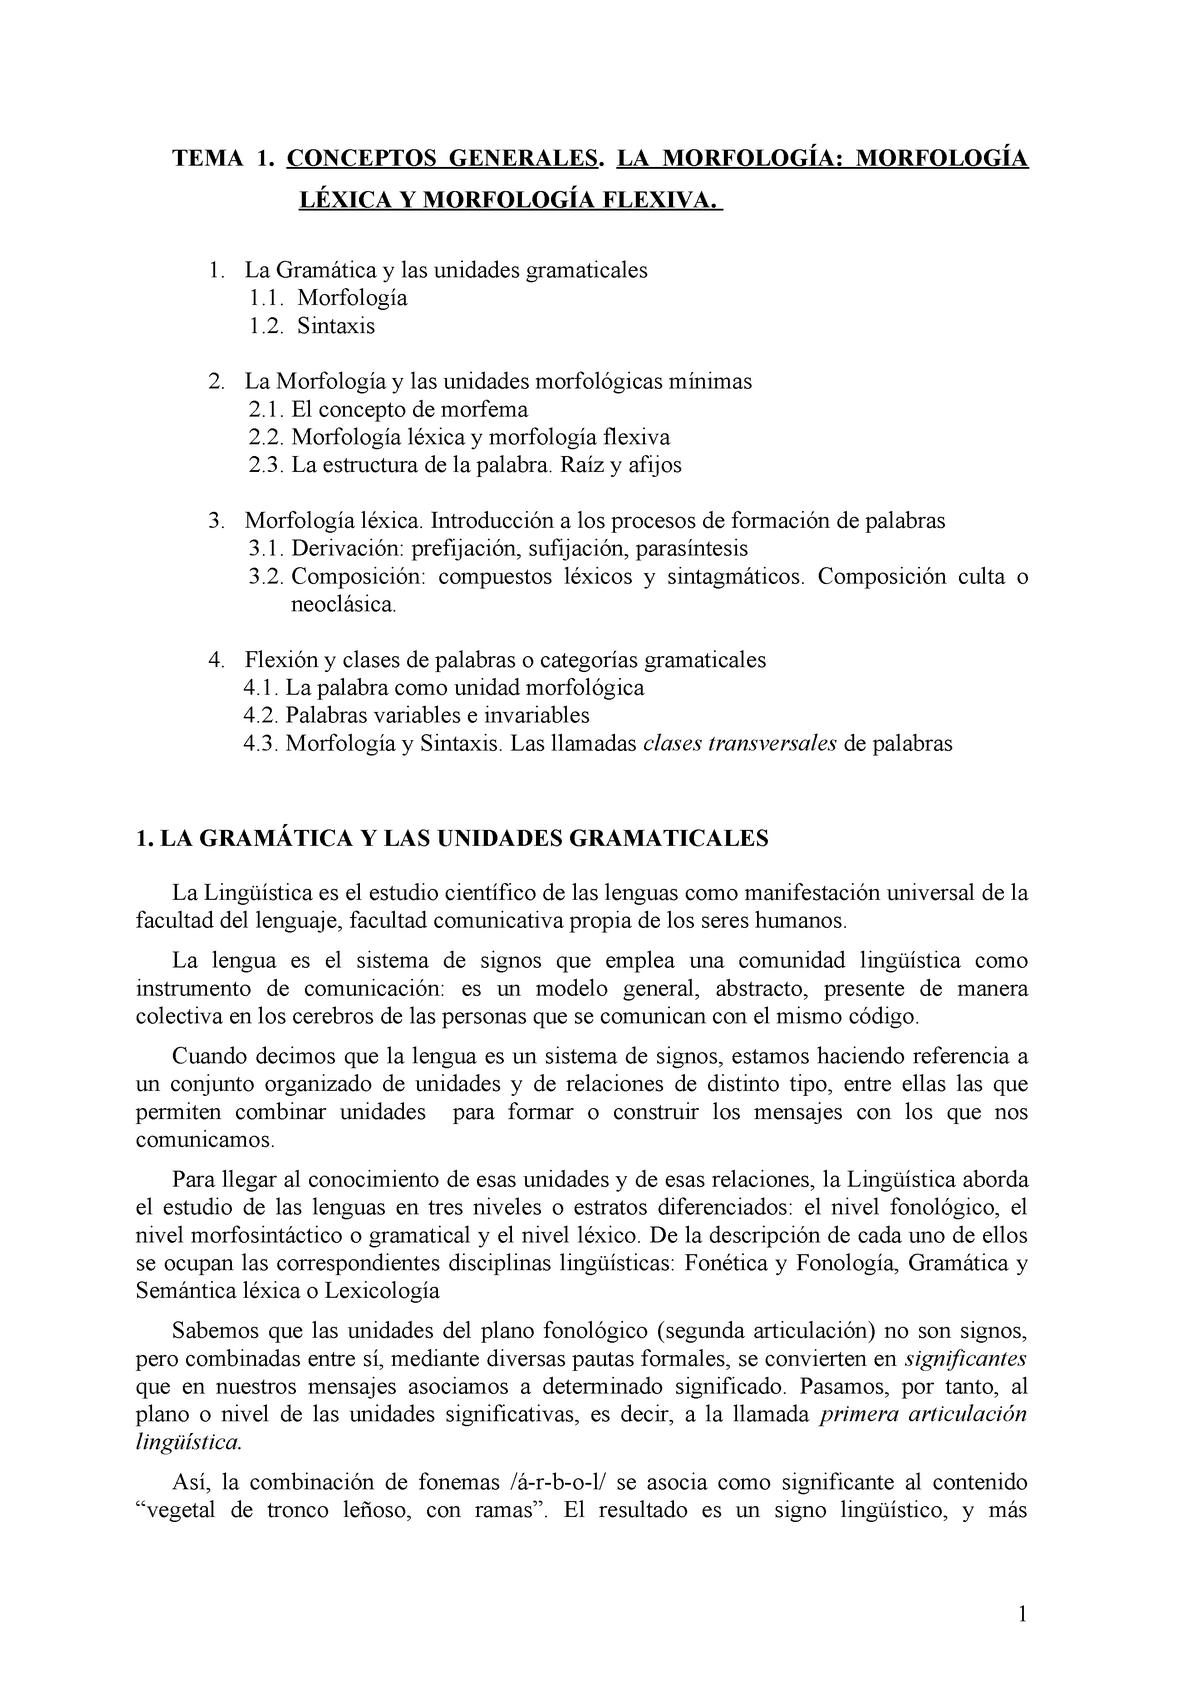 Apuntes Tema 1 Morfología Del Español 0412029 Unileon